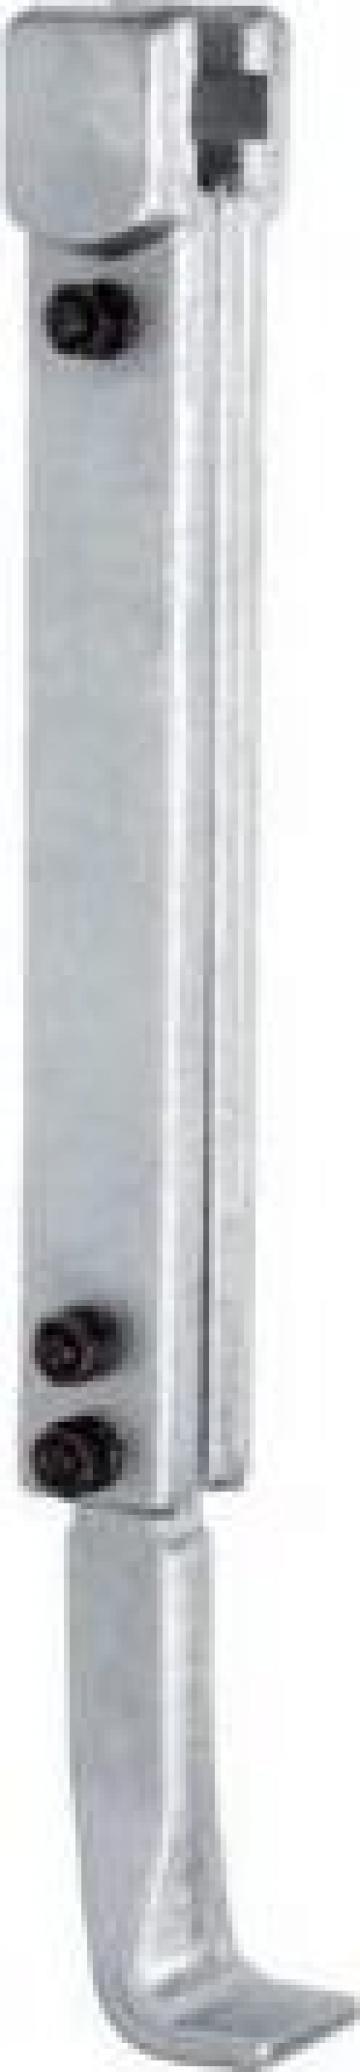 Brat prelungit pentru extractoare e190/b1 - 200 mm de la Proma Machinery Srl.